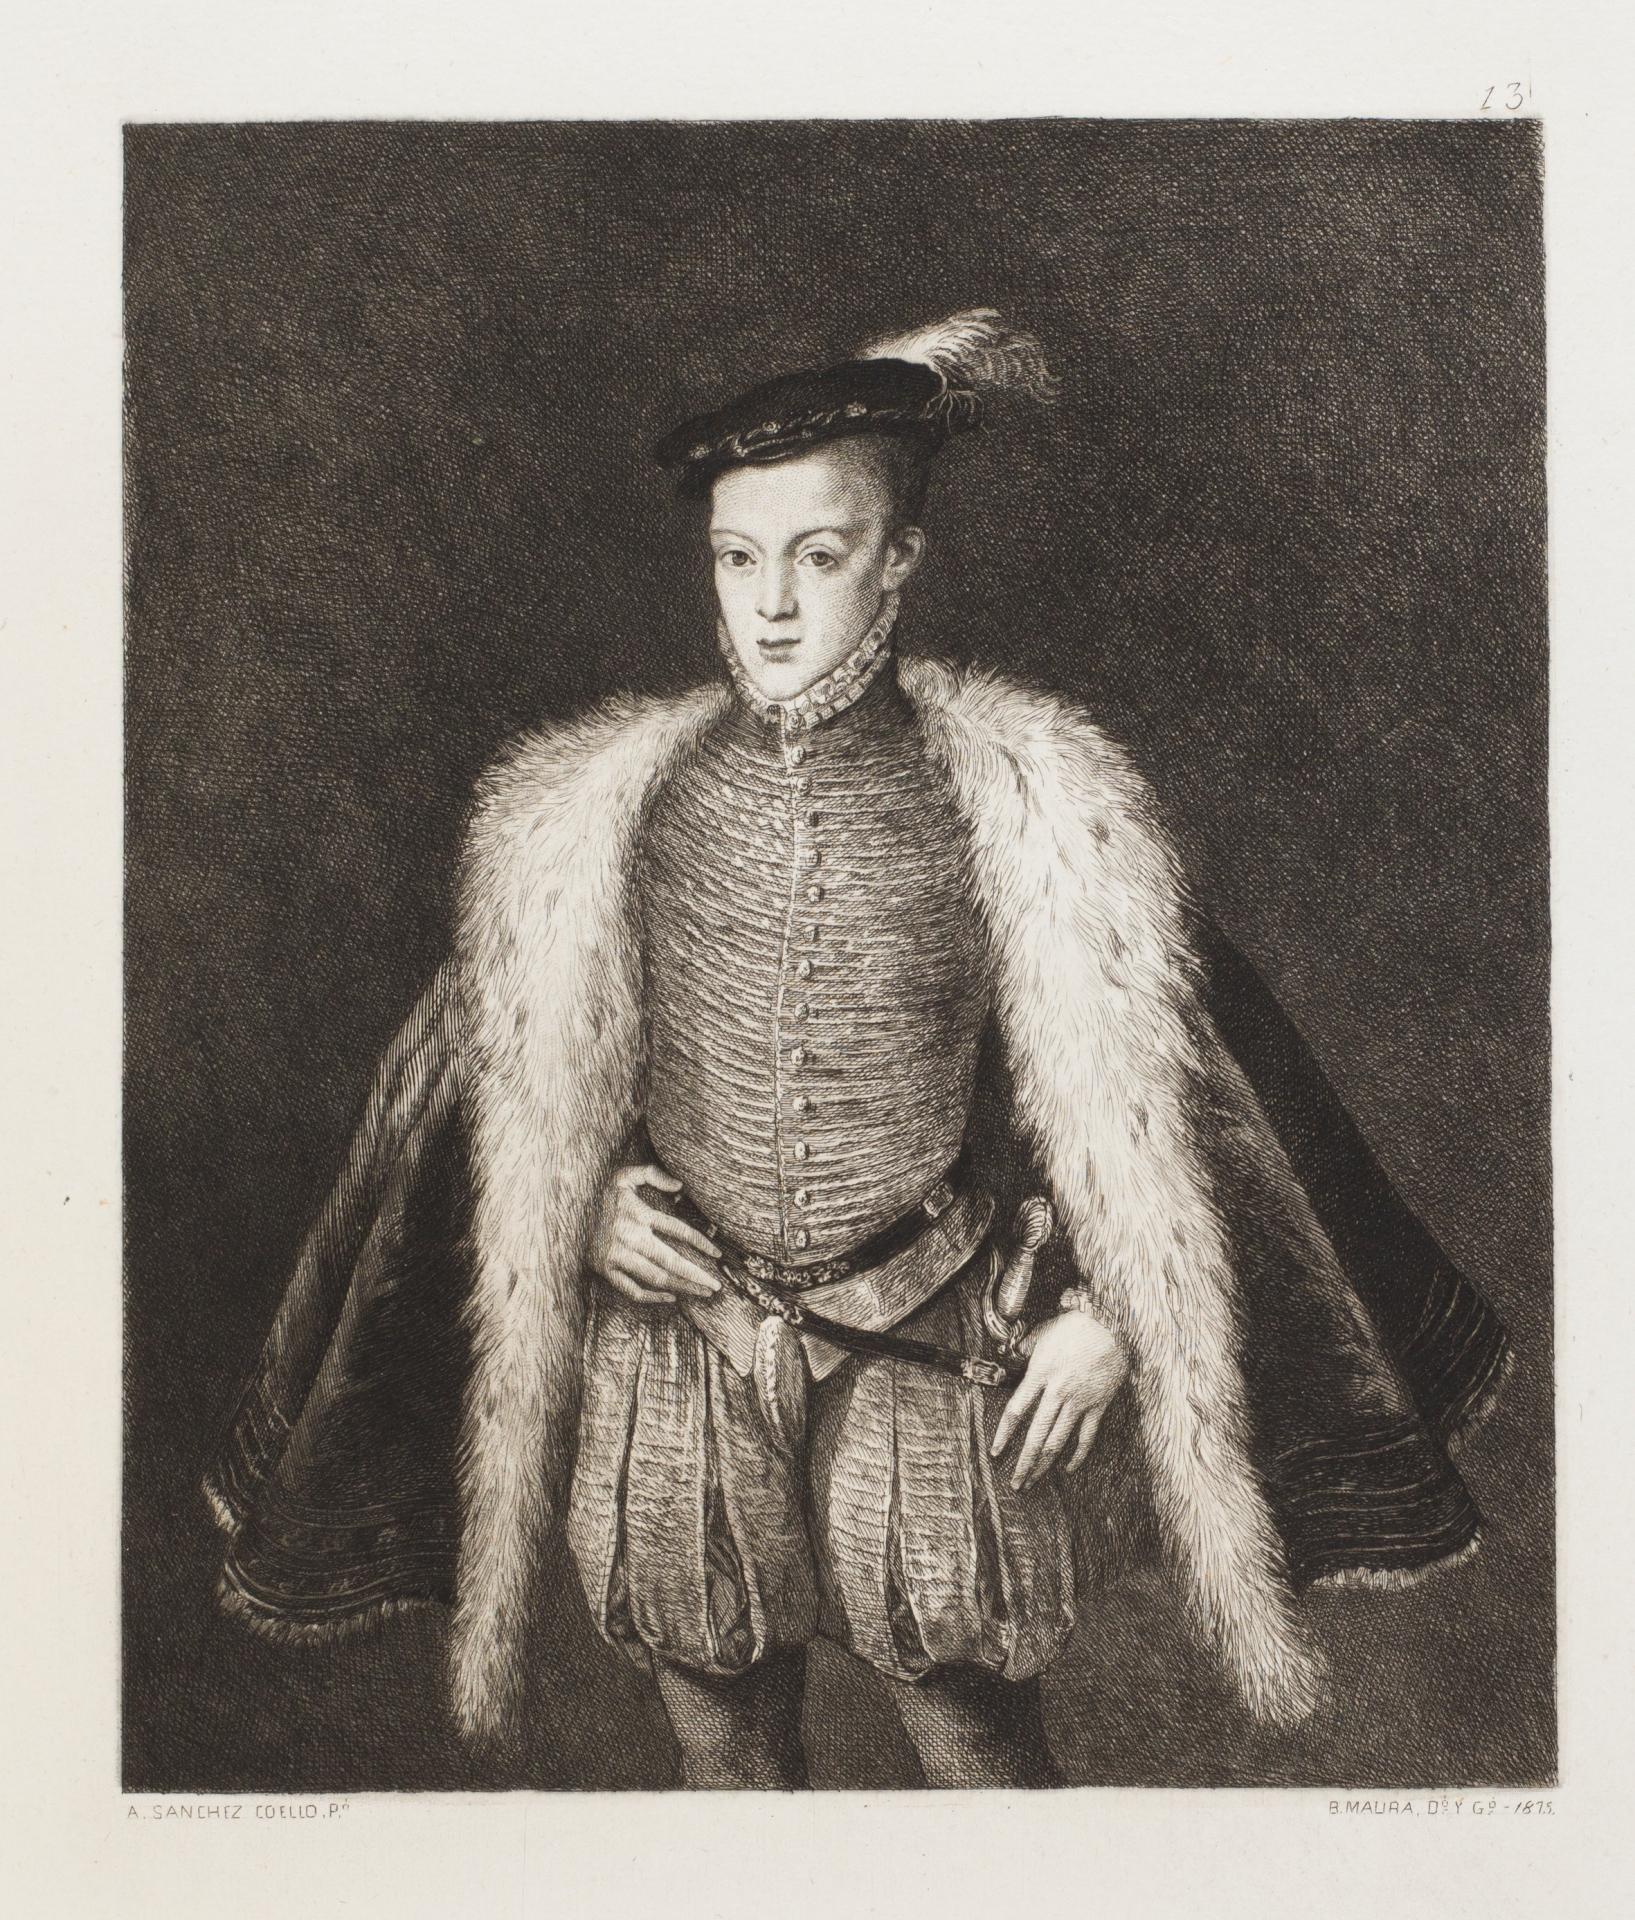 El príncipe don Carlos - Colección - Museo Nacional del Prado